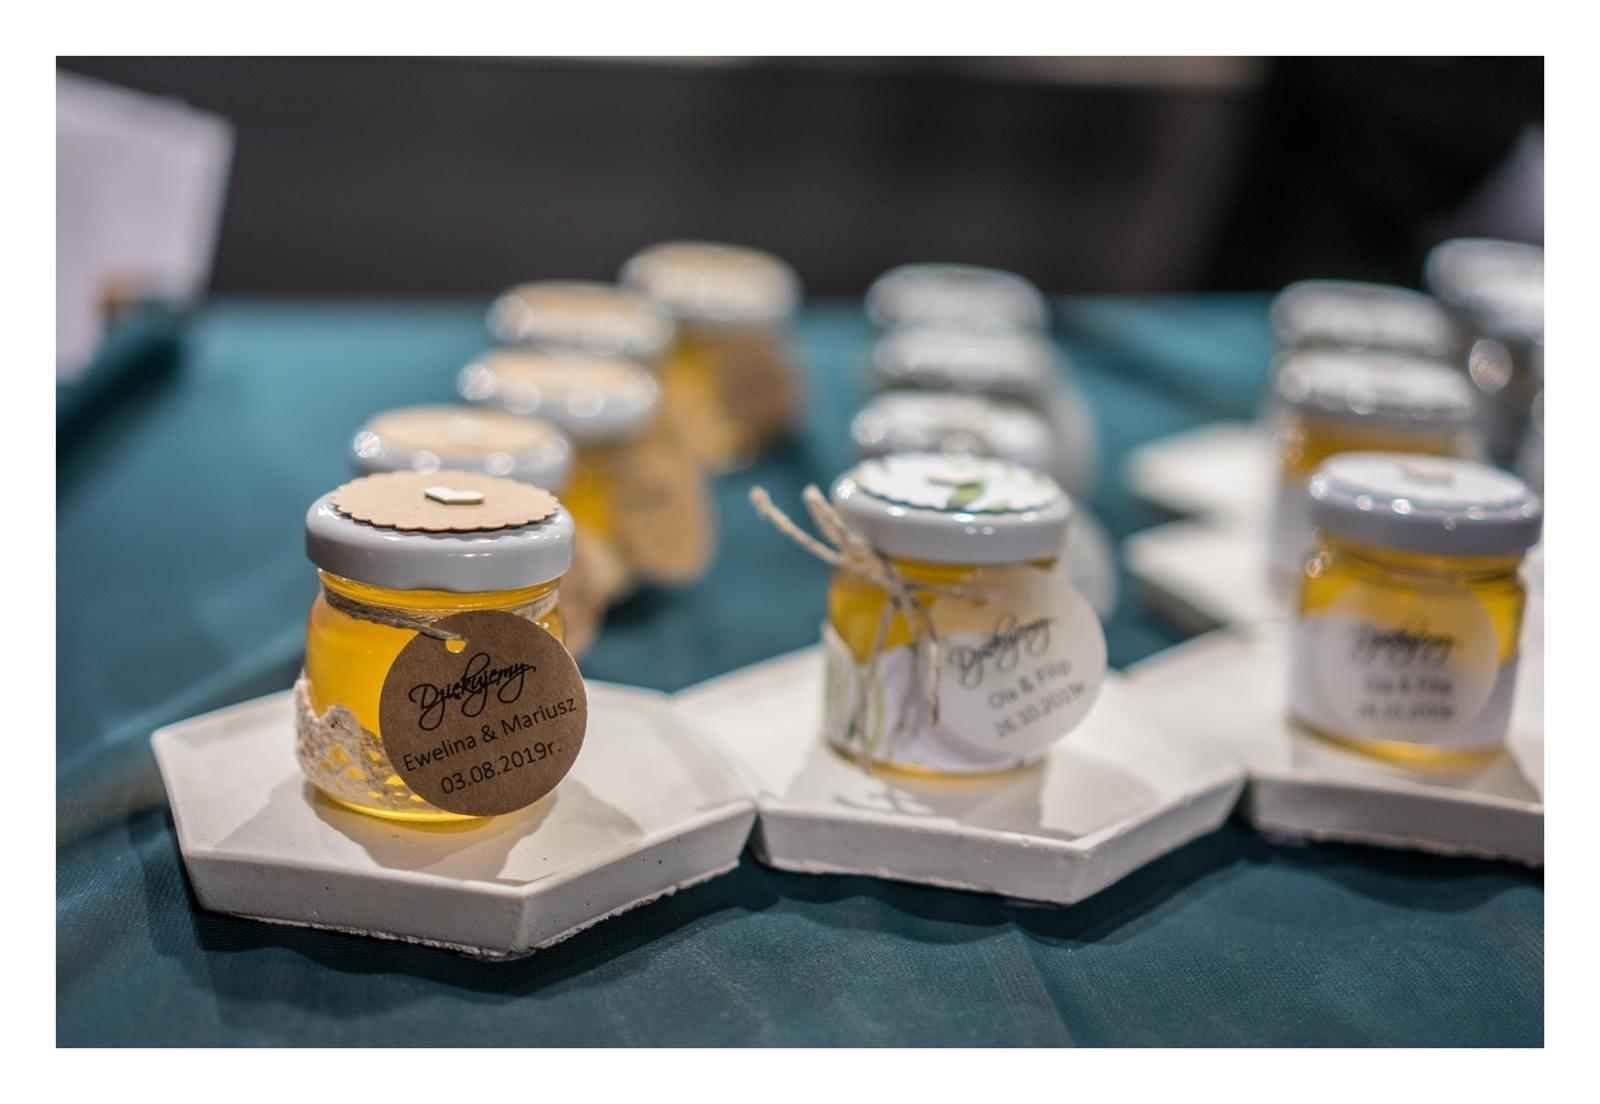 18 OFF WEDDING - Alternatywne Targi ślubne papeteria. biżuteria ślubna, dodatki ślubne, boho dekoracje , kwiaty na ślub i wesele, warszawa, łódź, romantczne, naturalne, nietypowe miód dla gości weselnych